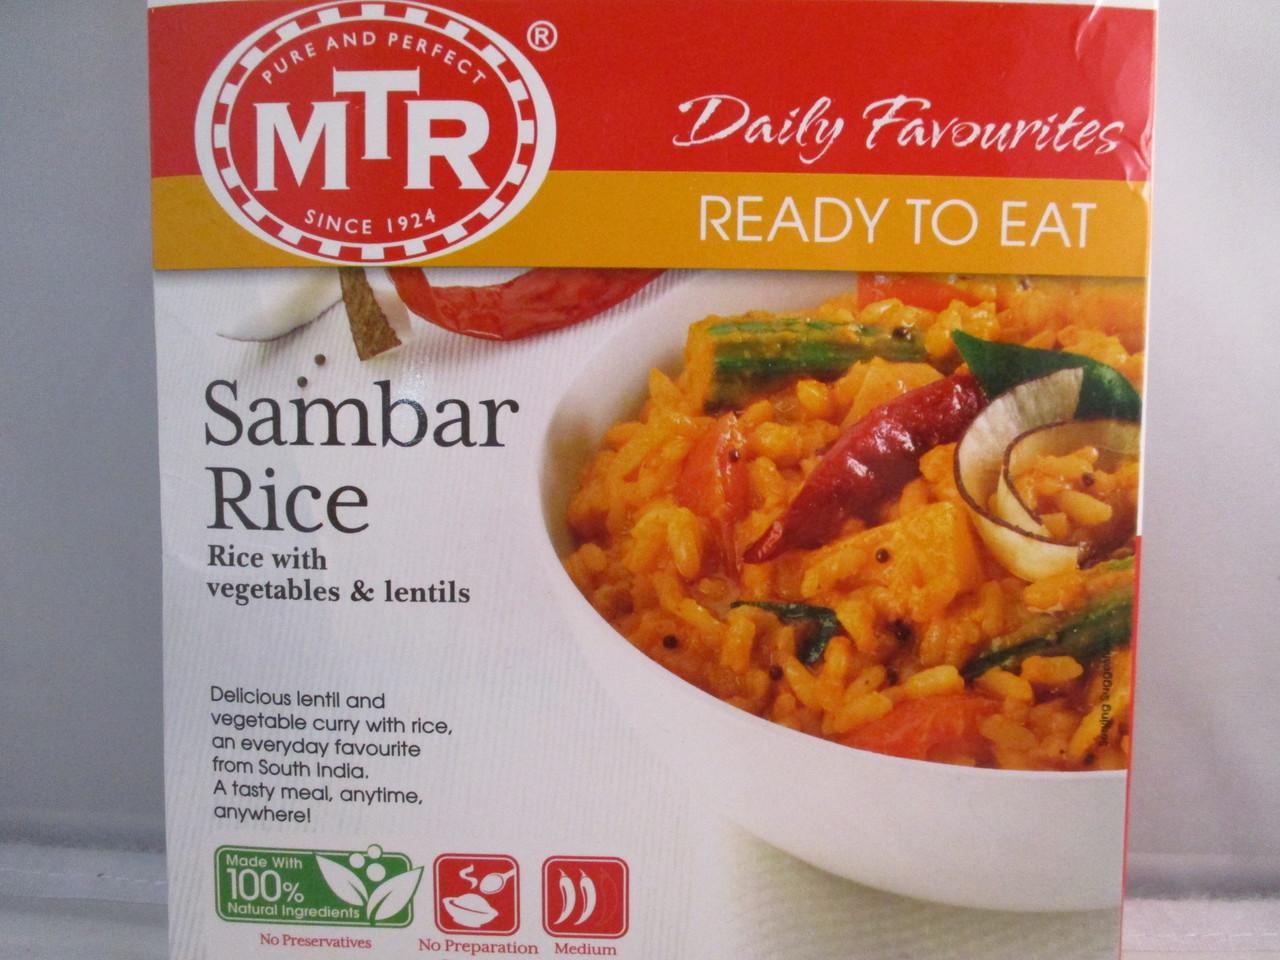 MTR Sambar Rice - Ready to Eat